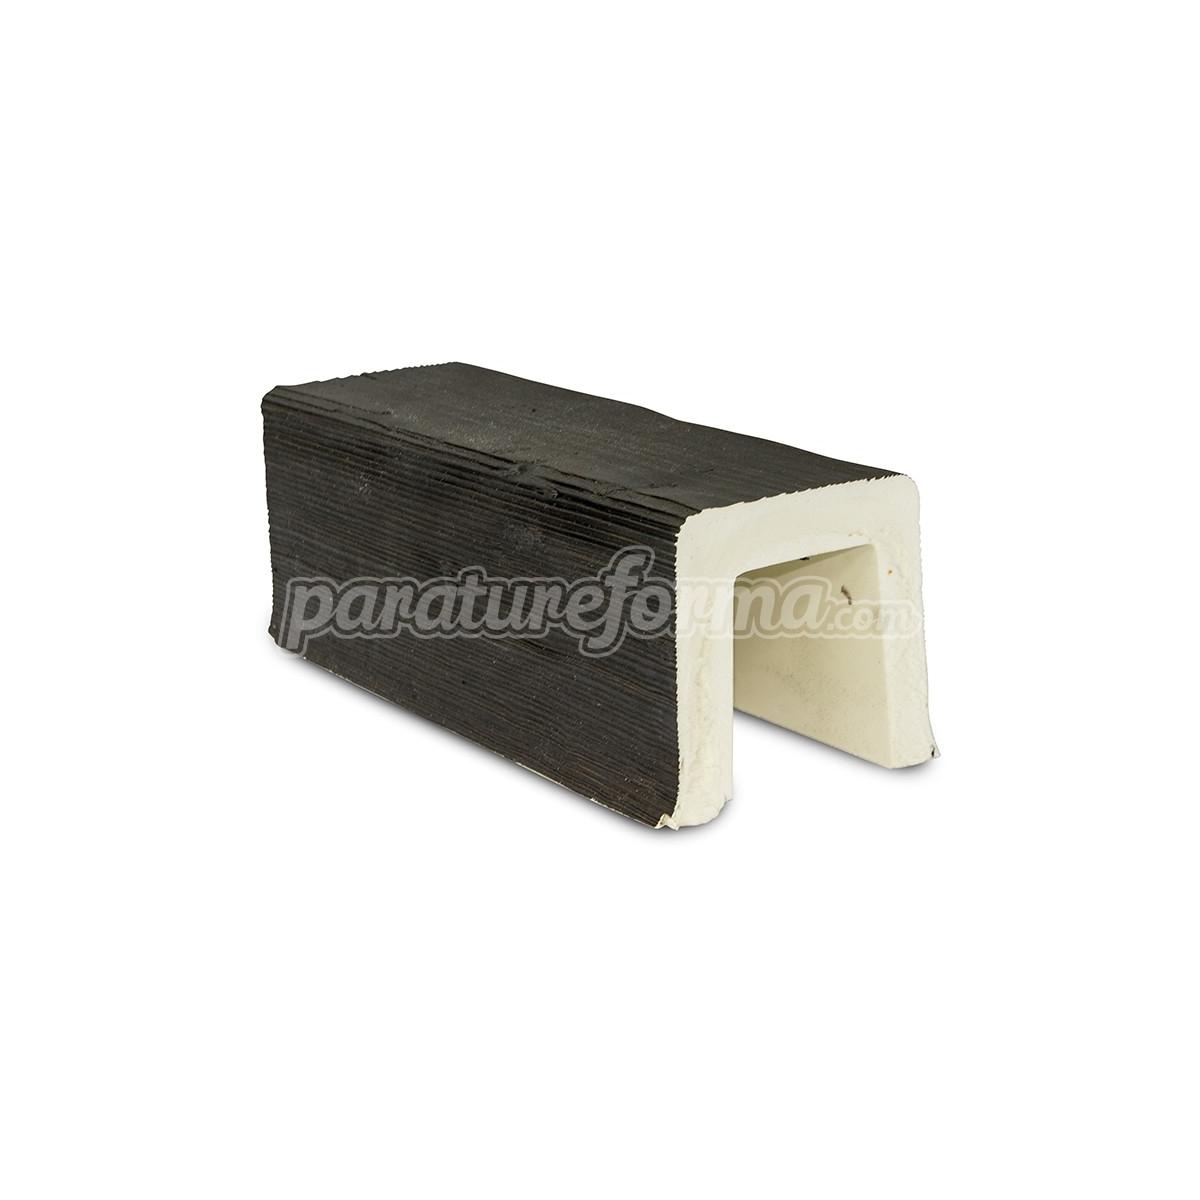 Vigas imitación madera cuadradas Grupo Unamacor Viga imitación a madera 300x10x10 al mejor precio